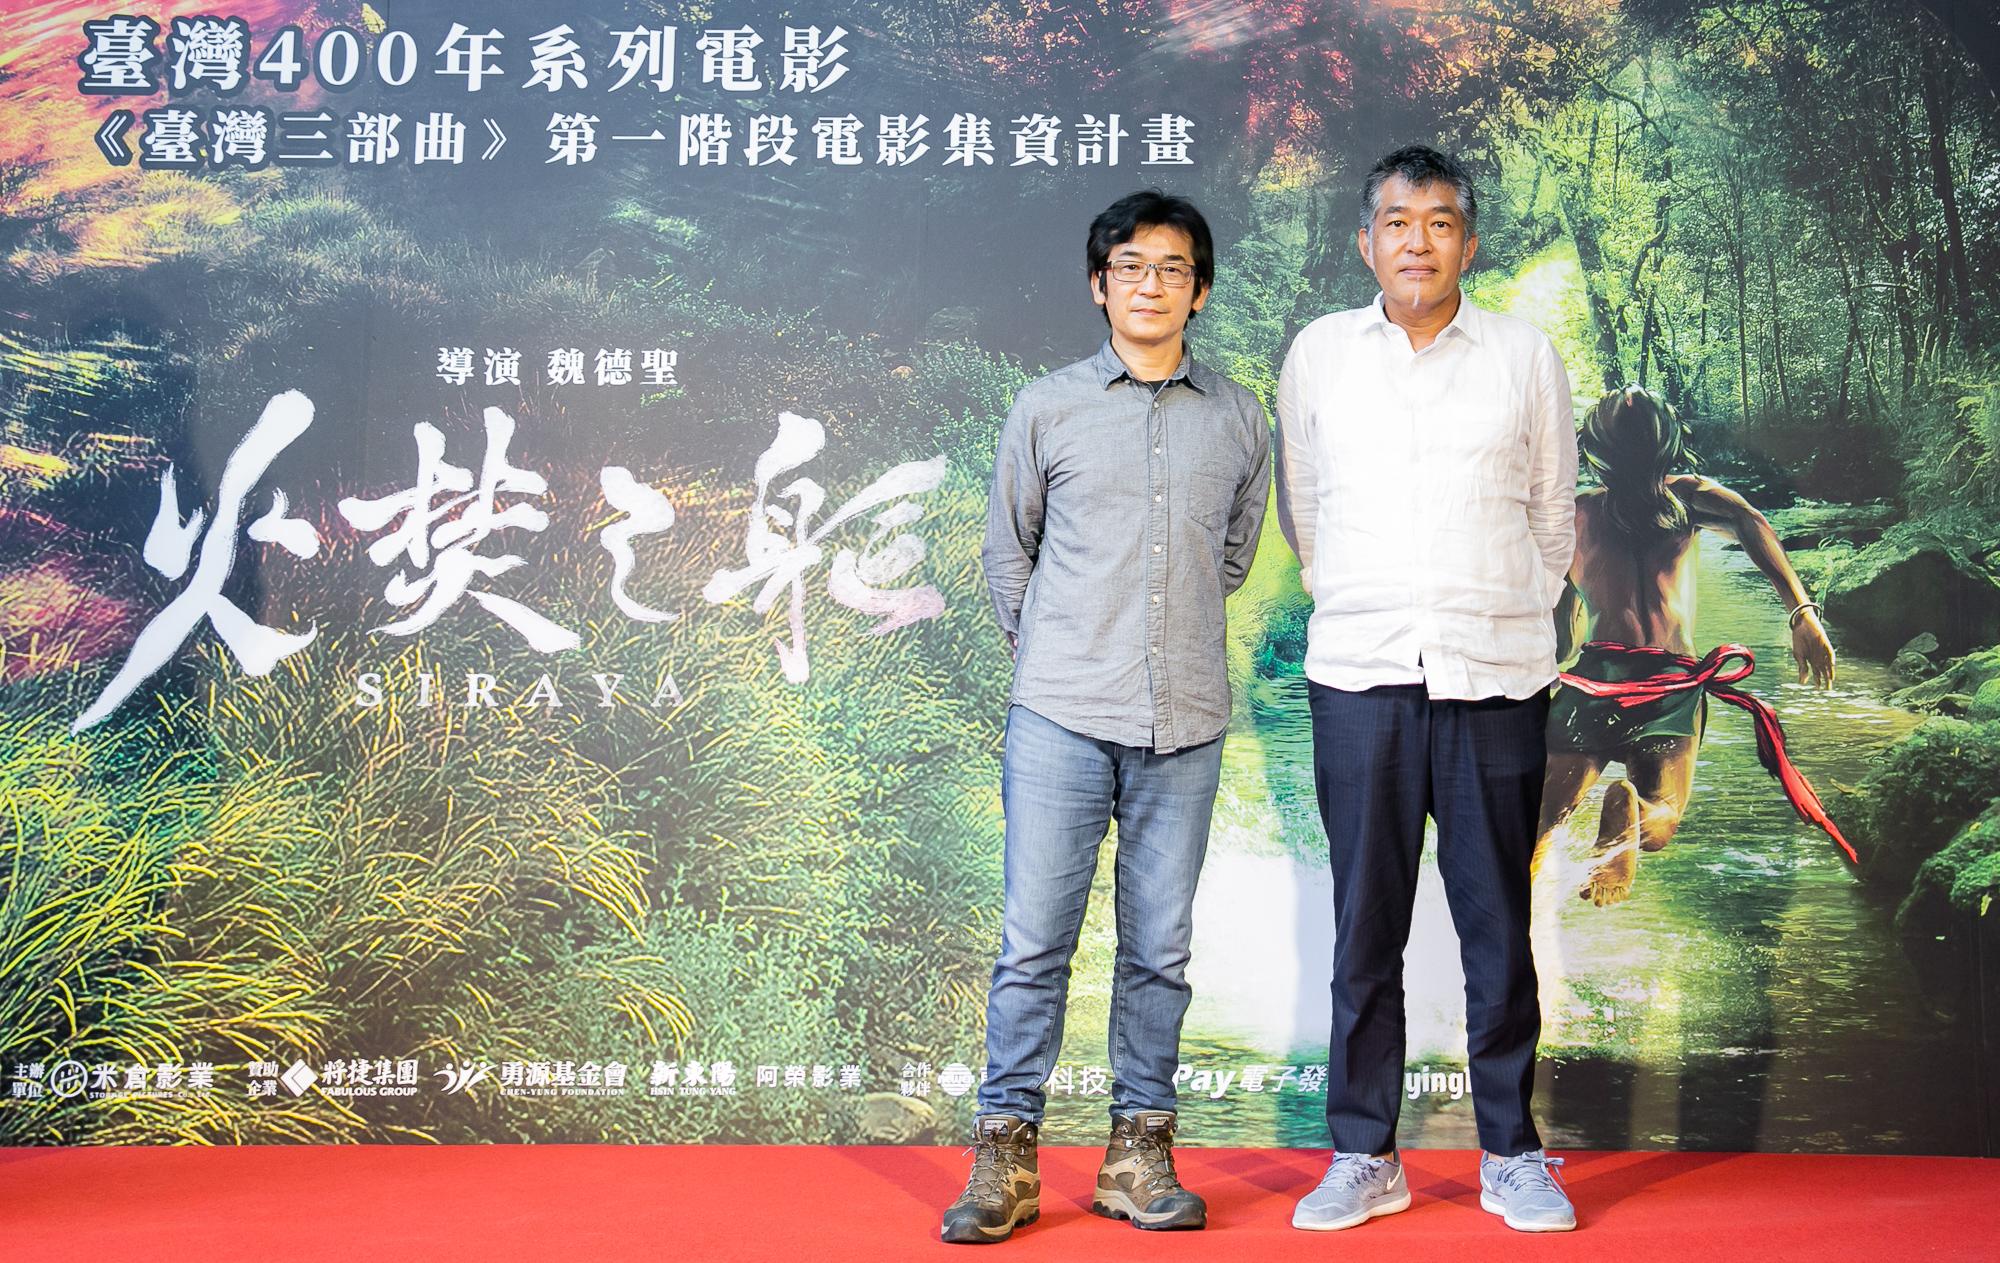 《臺灣三部曲》集資計畫記者會導演魏德聖、美術指導花谷秀文